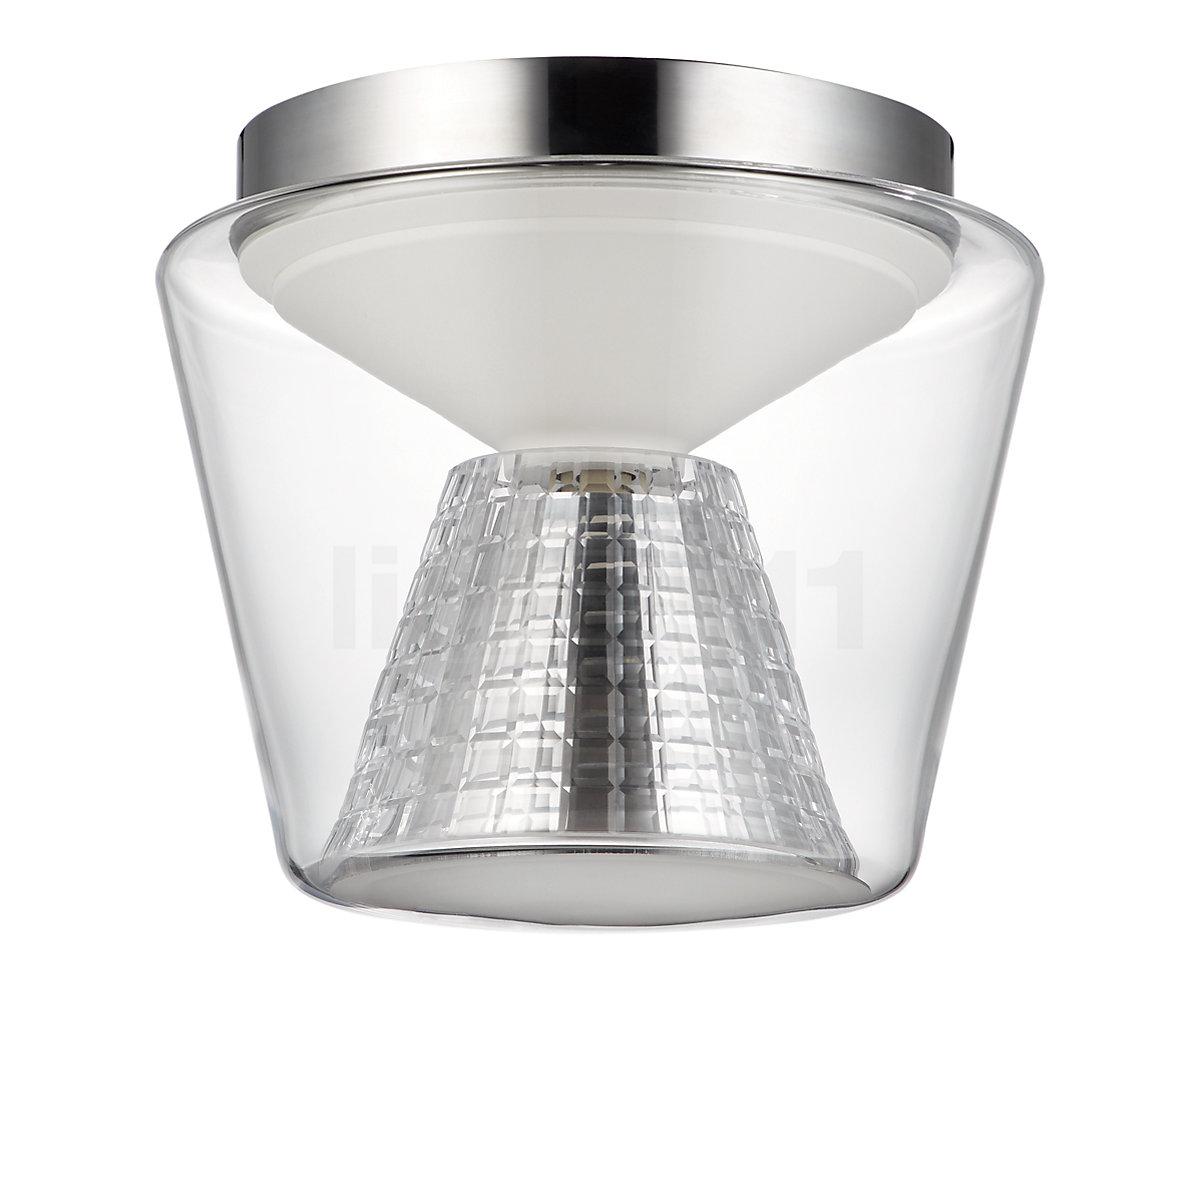 Serien Lighting Annex M Ceiling Light